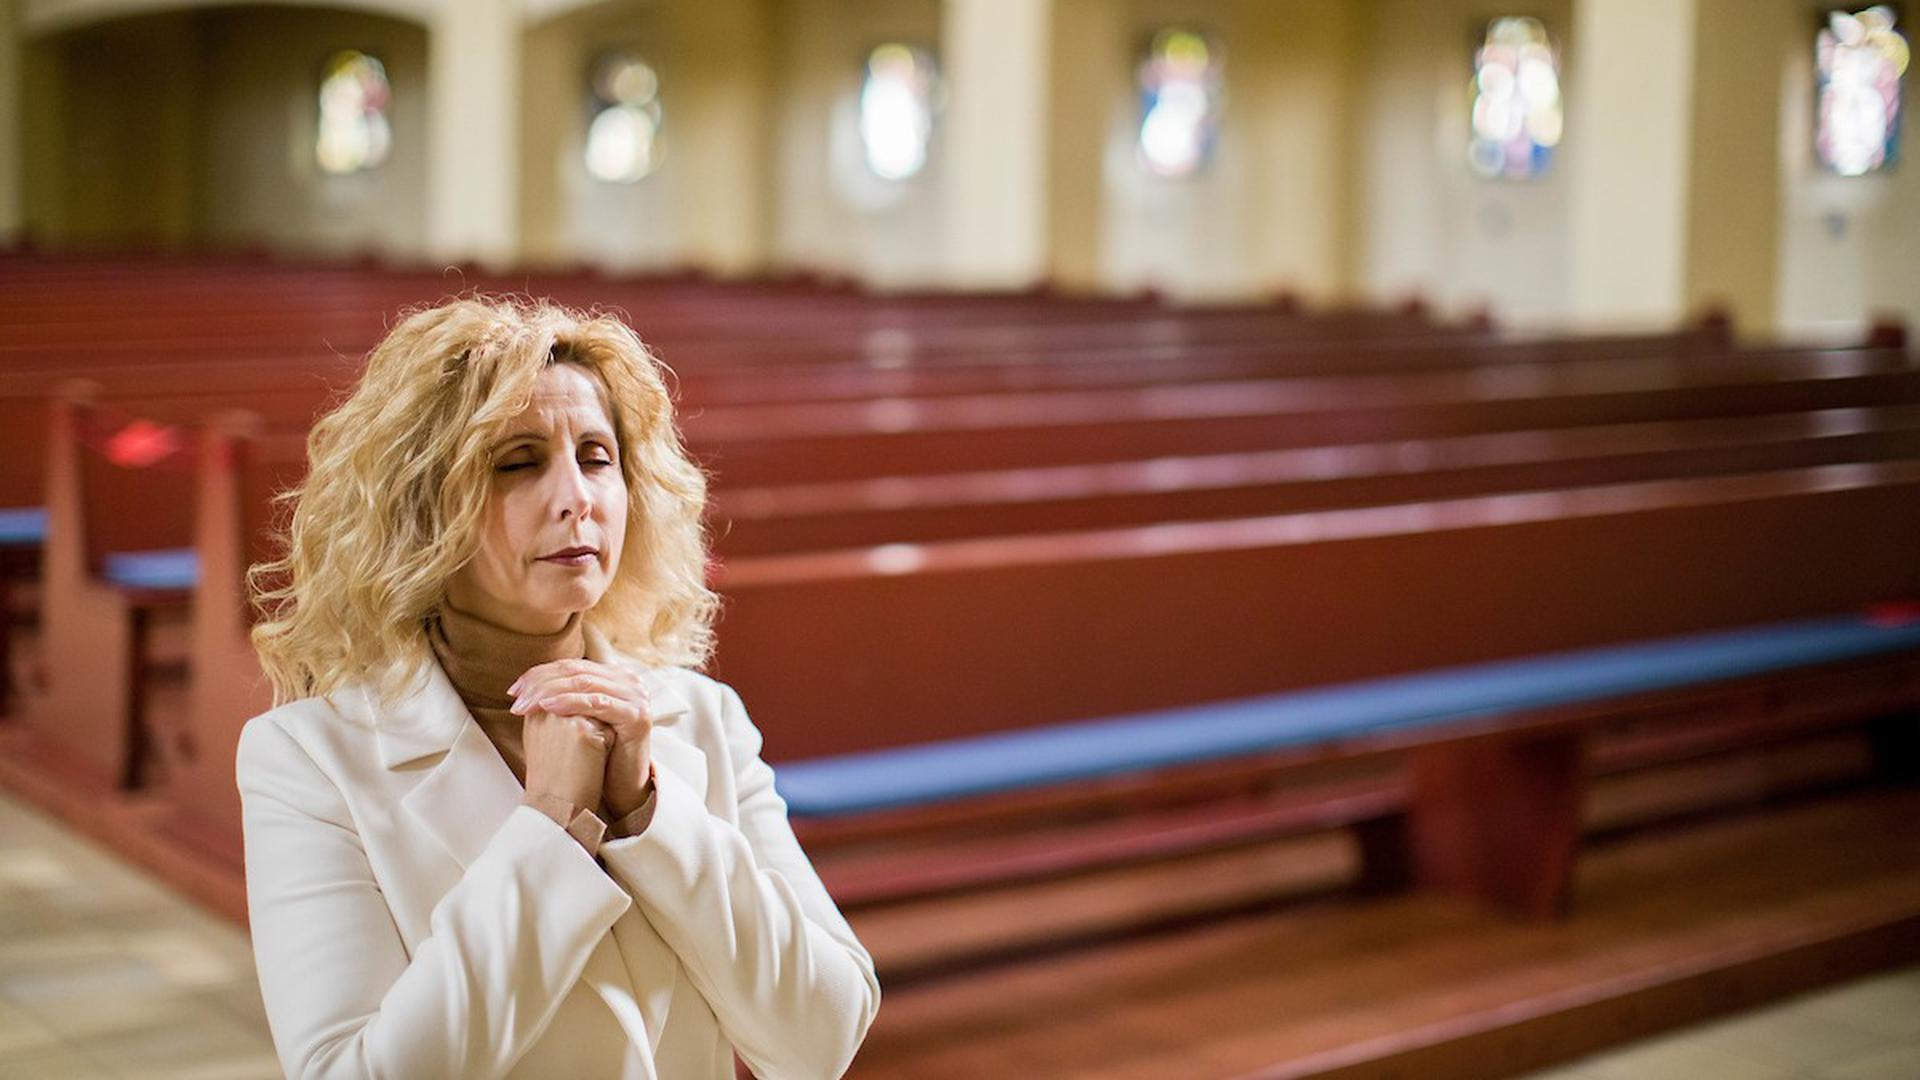 Eine Frau steht mit gefalteten Händen im Innenraum einer Kirche. Im Hintergrund sind Kirchenbänke.